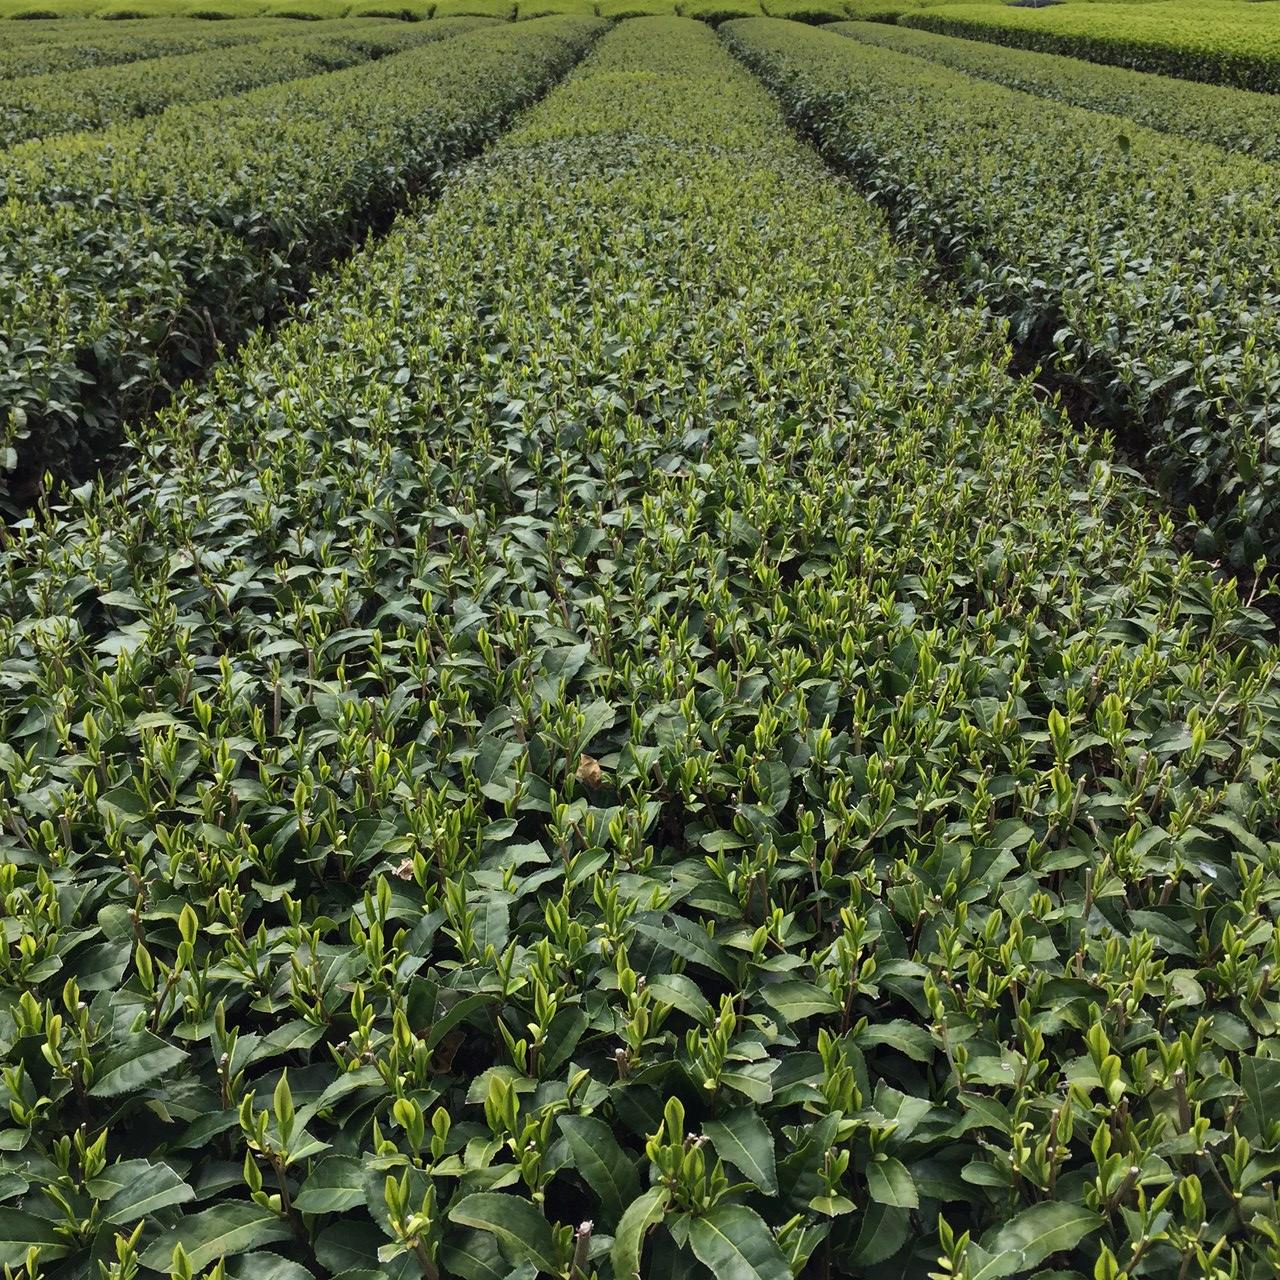 2017年4月15日かごしま緑茶の茶園風景です。品種はヤブキタです。小さな新芽成長中。